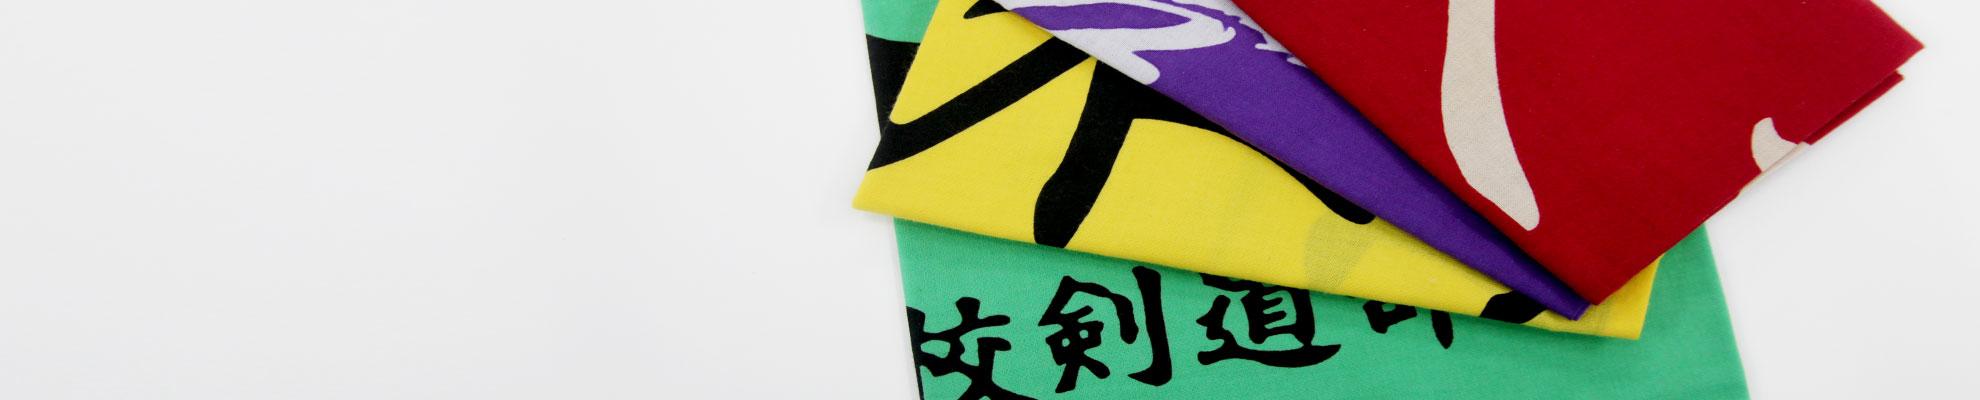 京都染織のオリジナル手ぬぐい 本染め注染 武道剣道用